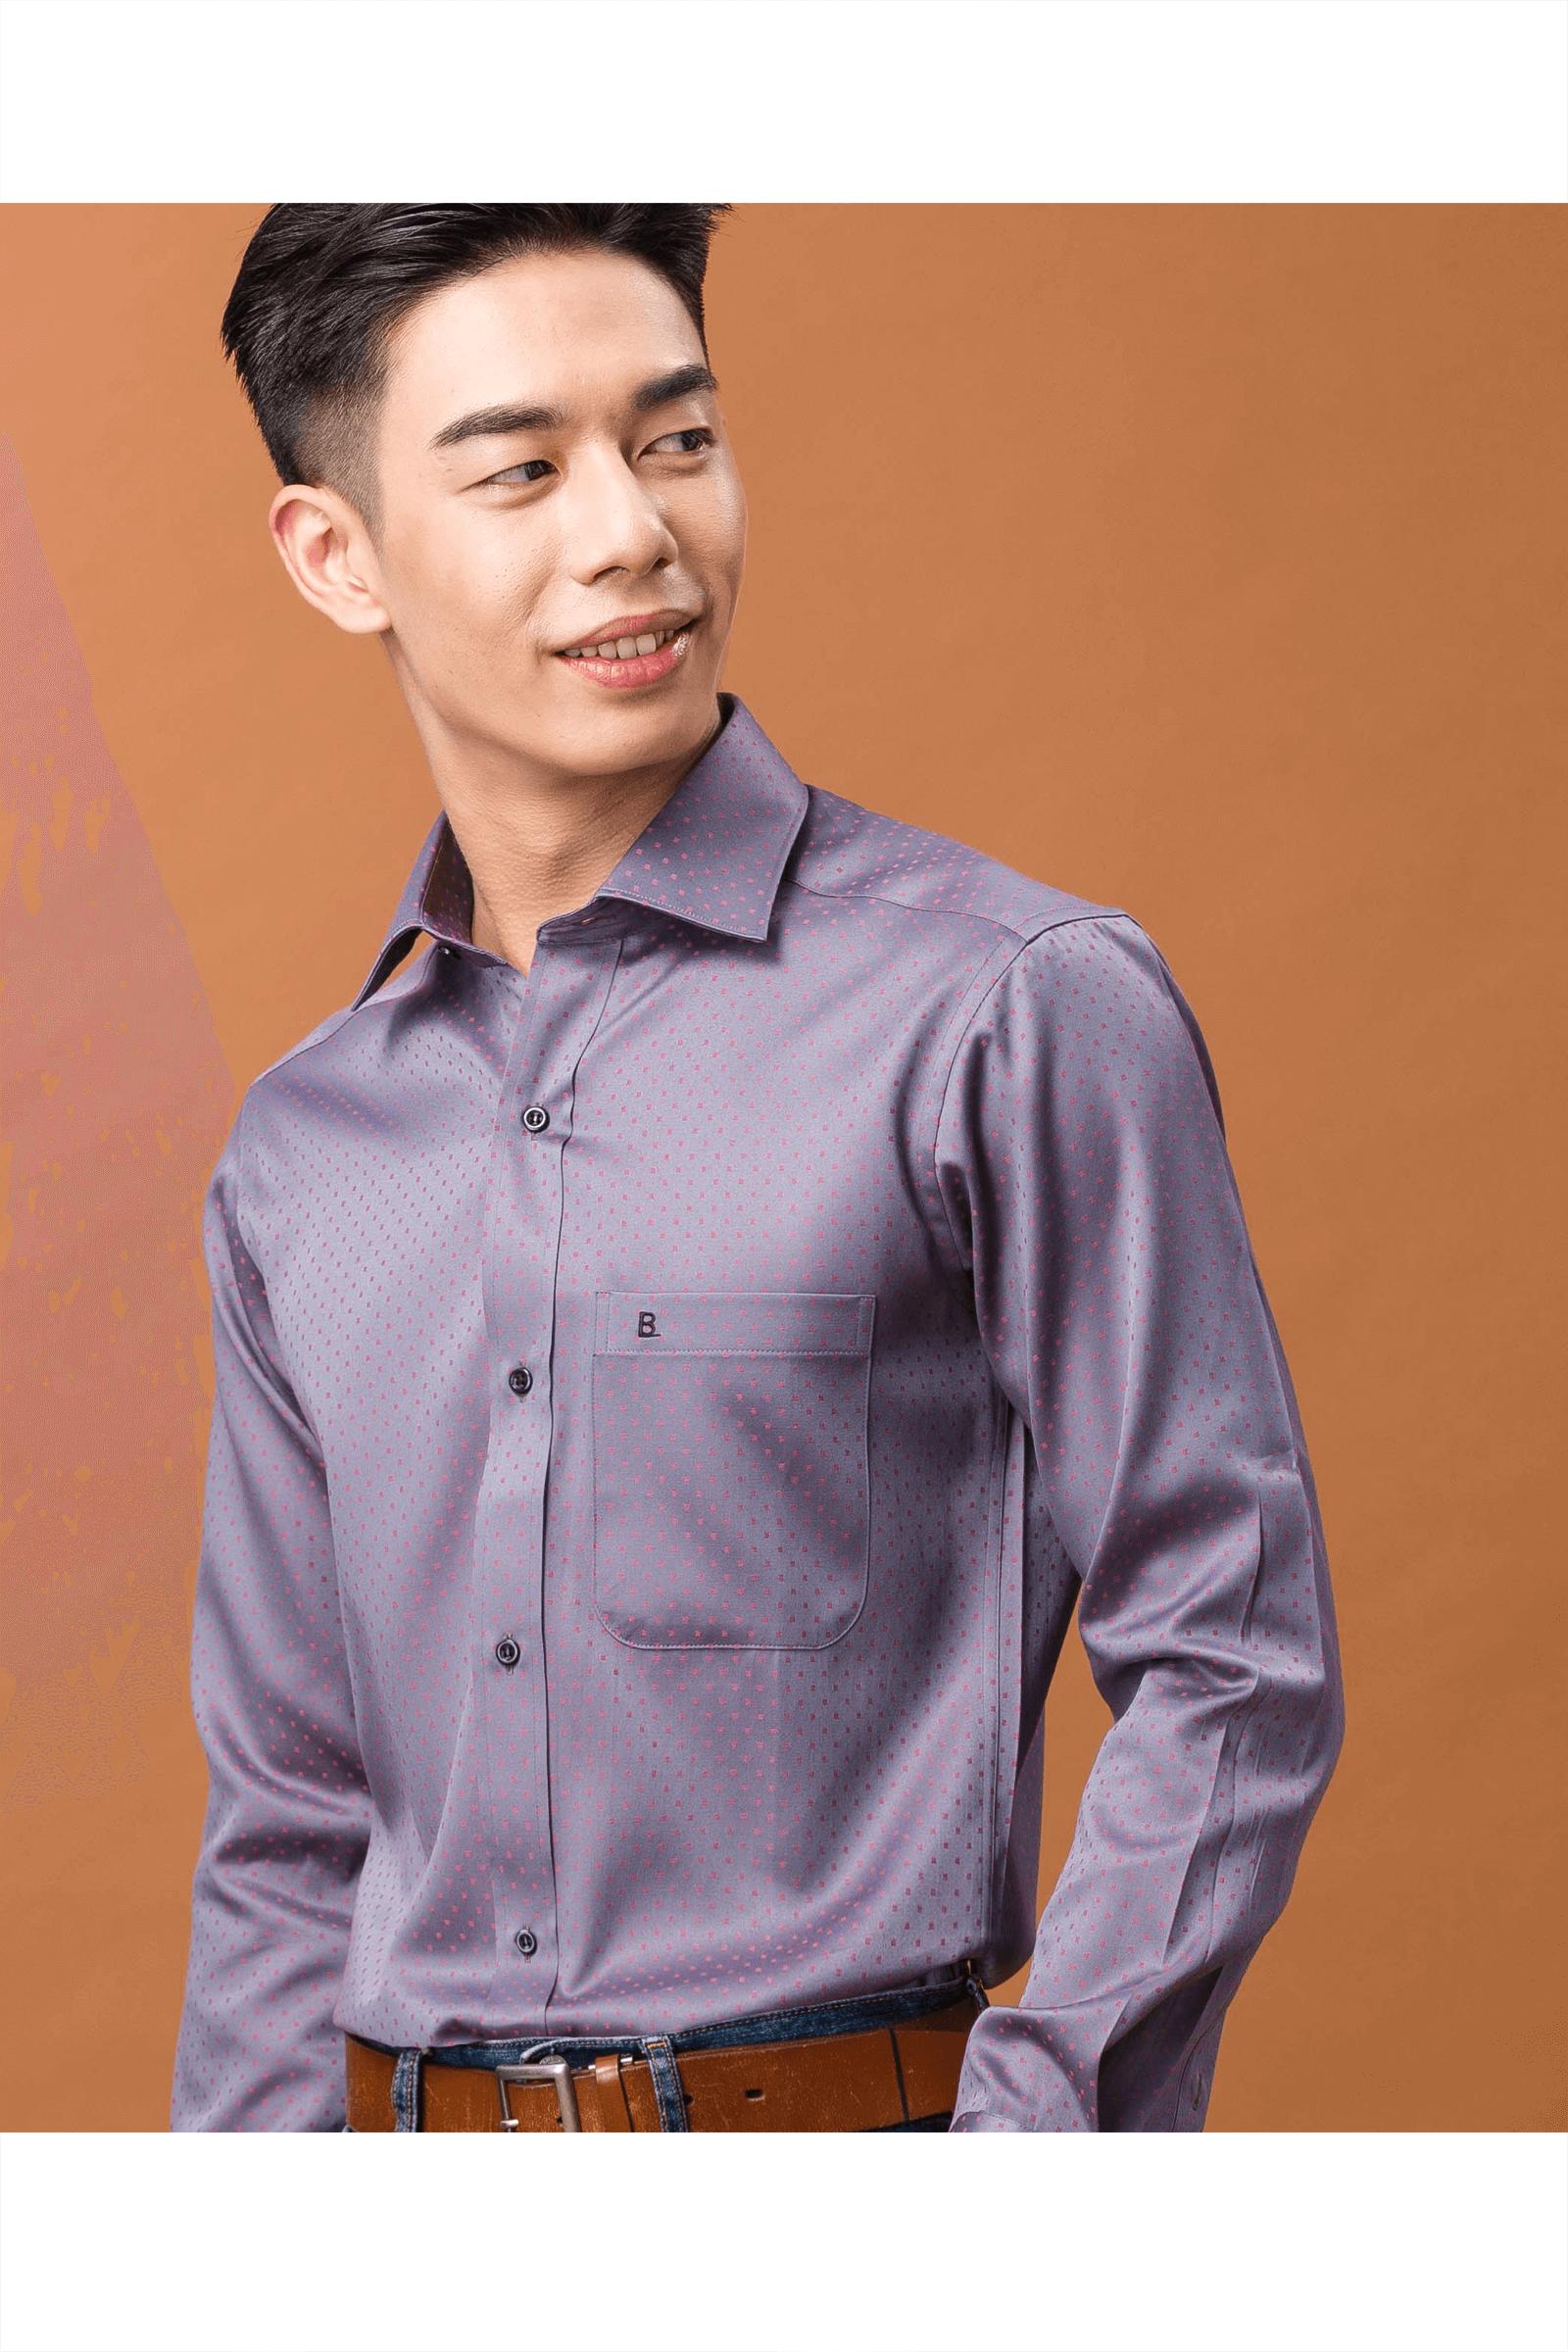 灰底紅格棉質長袖襯衫/舒適透氣<br />